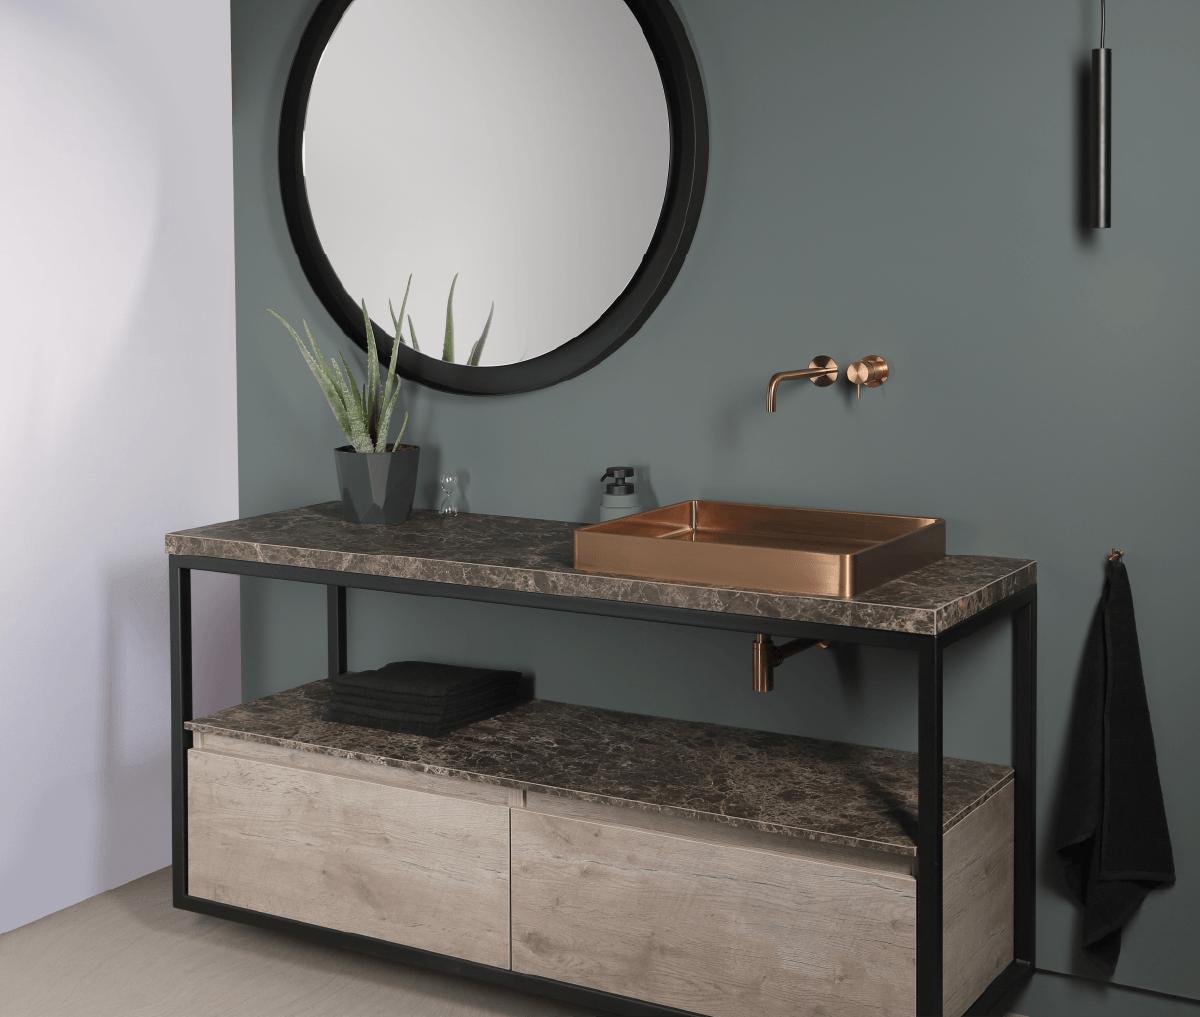 mijn-bad-in-stijl-mijs-tegels-en-sanitair-assen-6